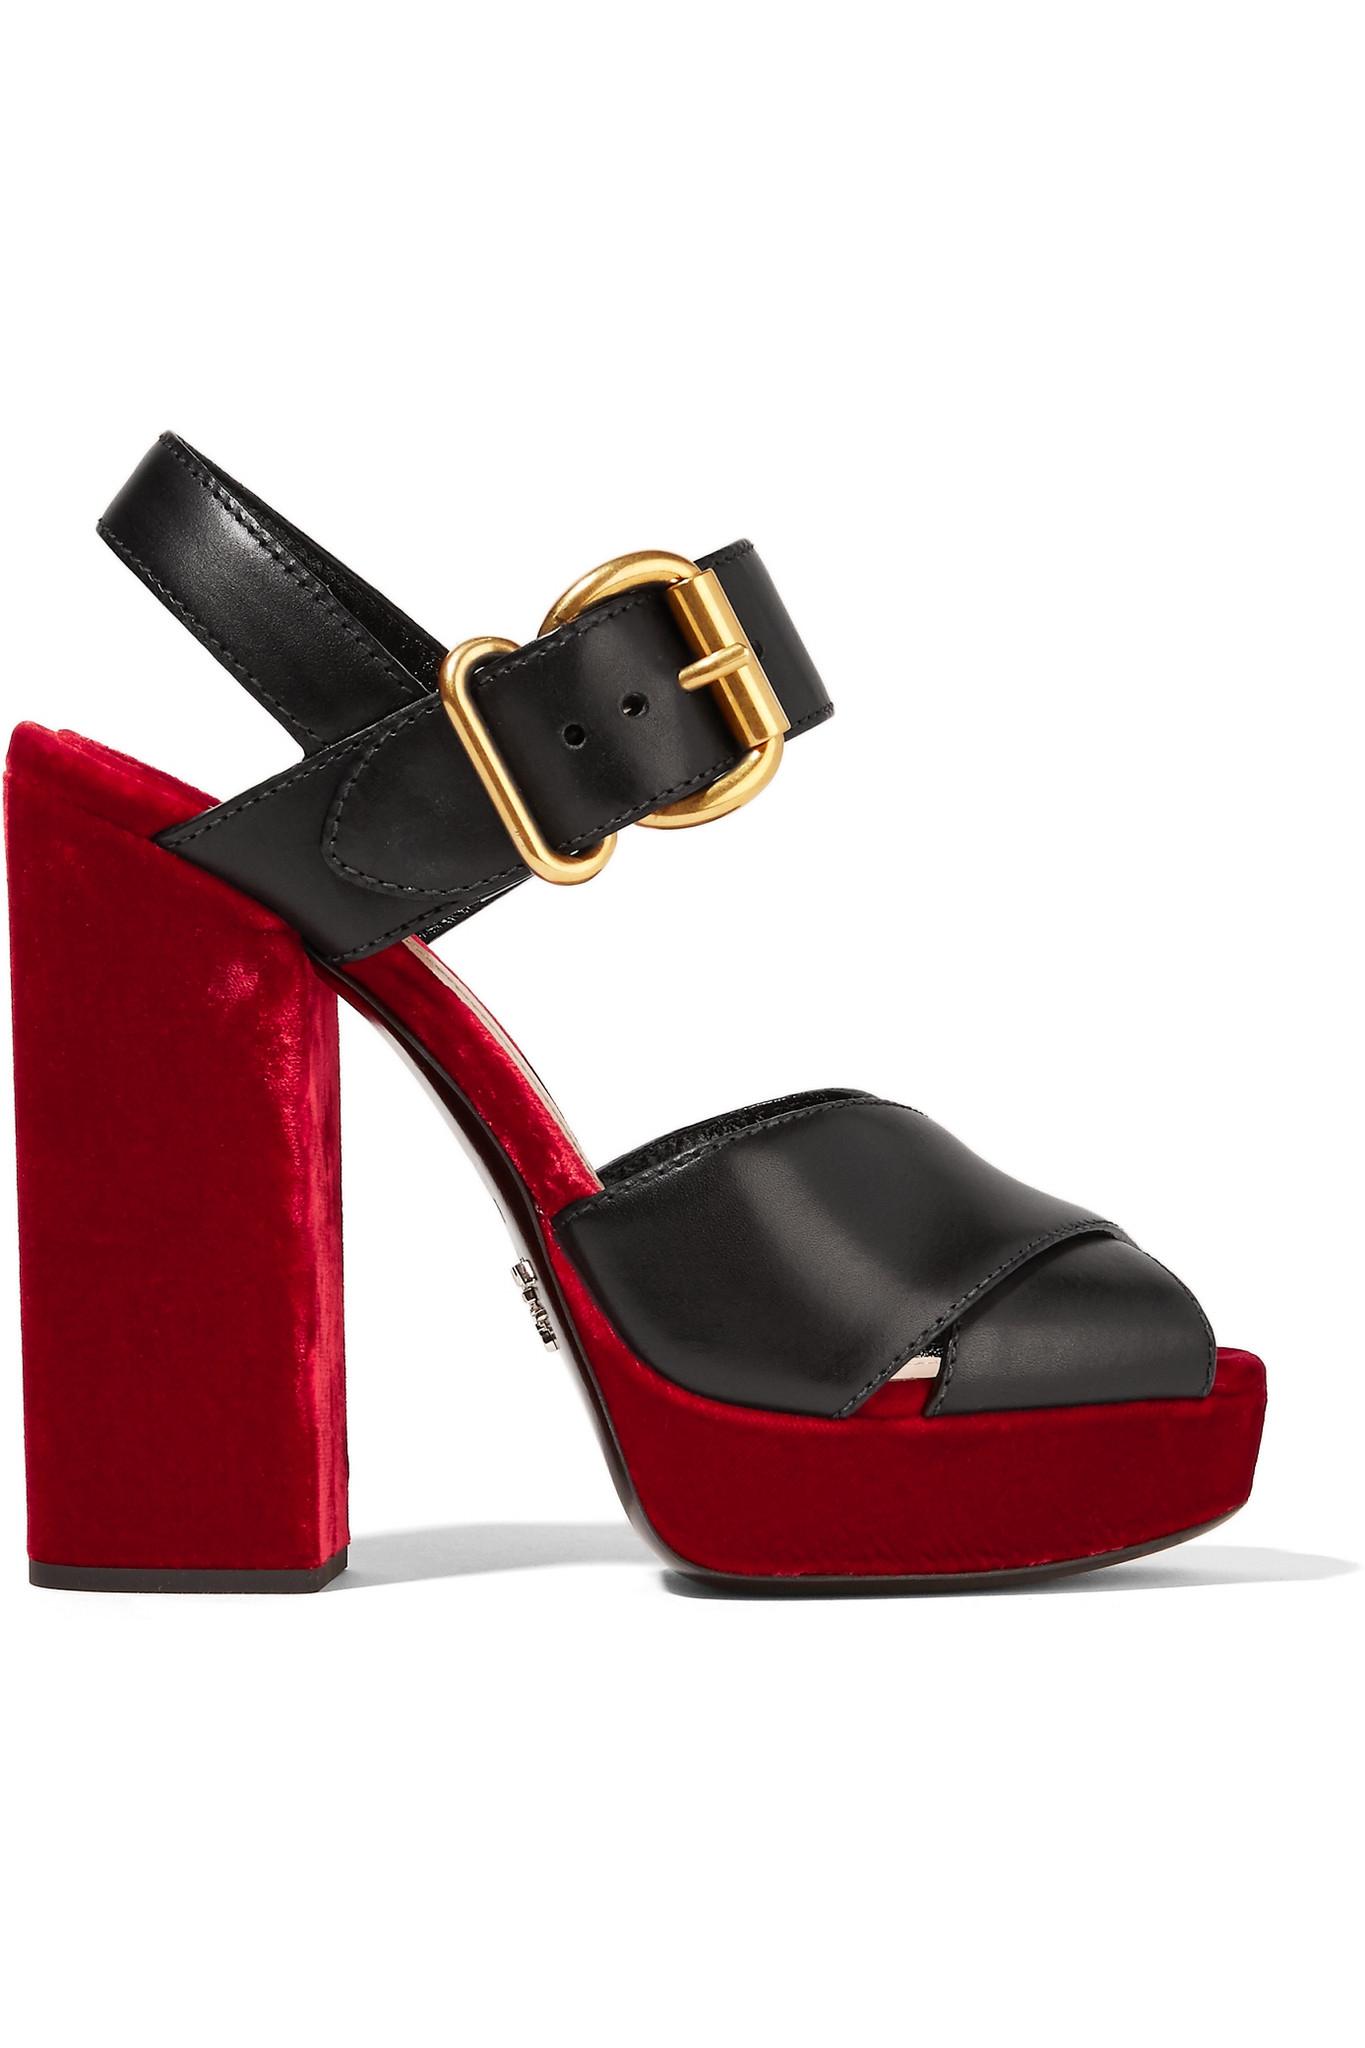 Prada Shoes Black Velvet Sandals